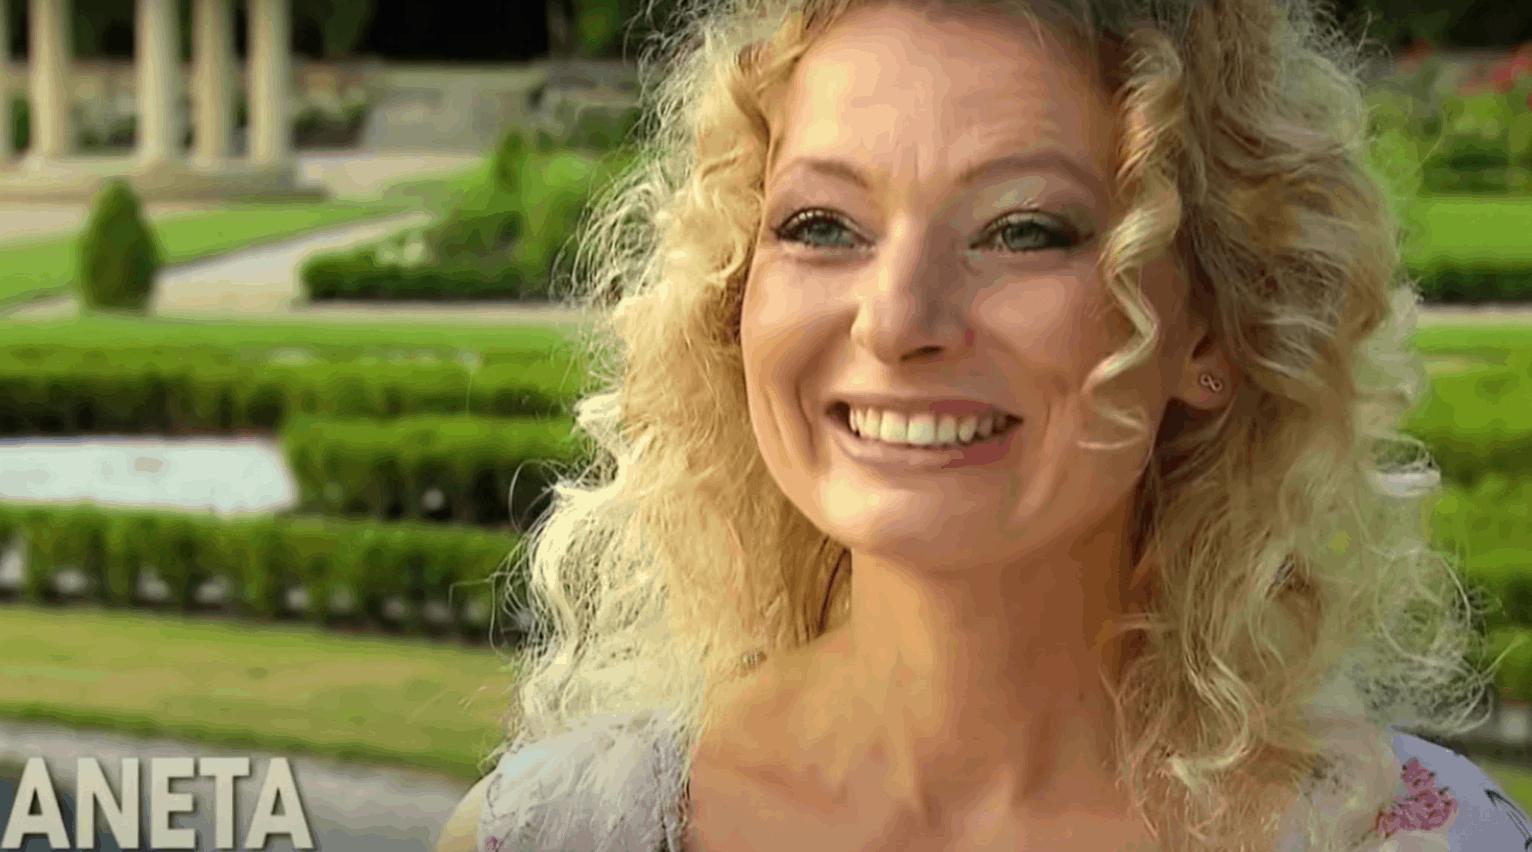 """Aneta Fojcik z programu """"Rolnik szuka żony"""" będzie miała dziecko, o tym że jest w ciąży wyznała podczas wywiadu z """"Super Expressem"""", kim jest jej partner?"""